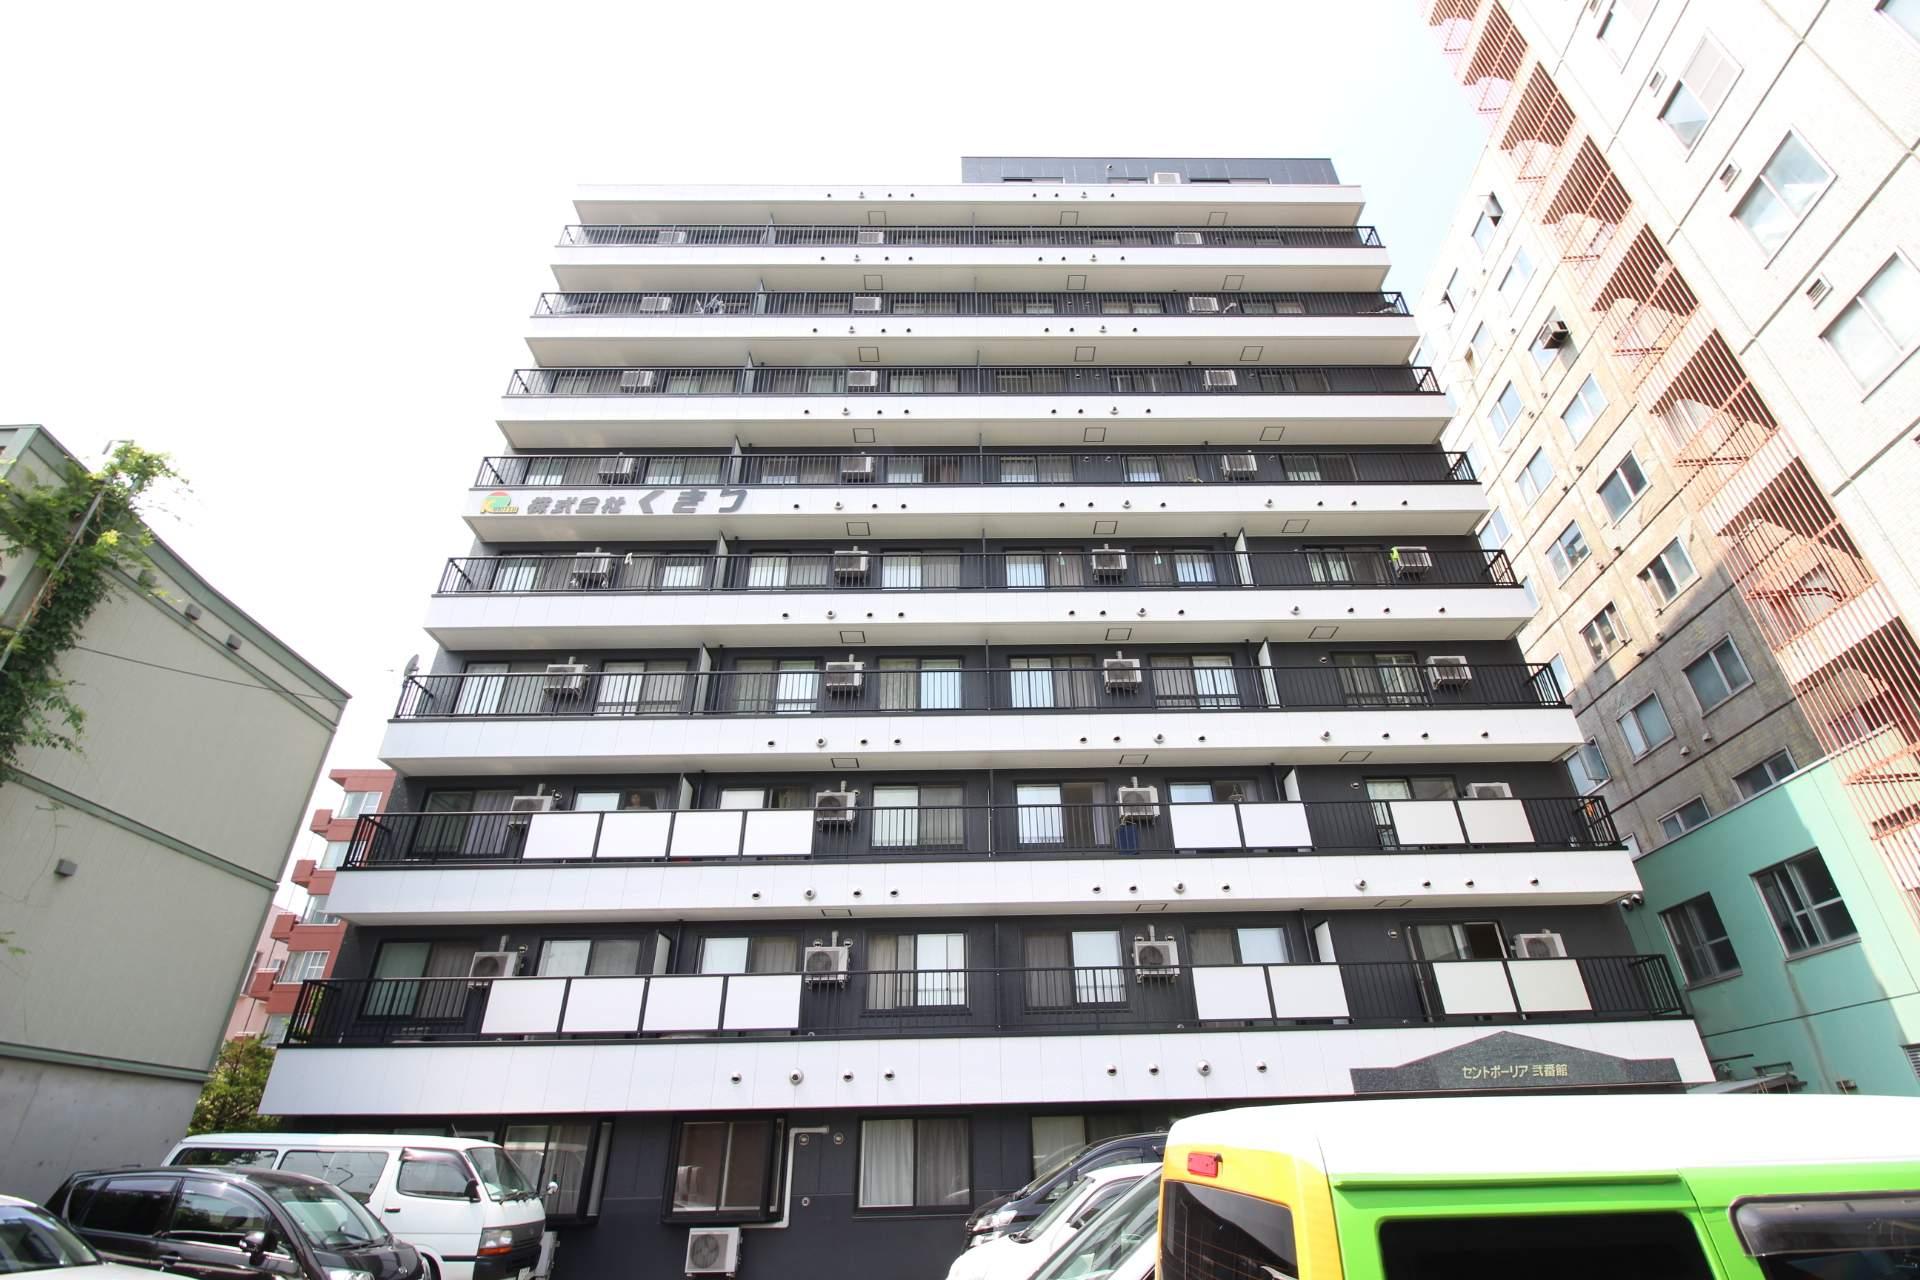 北海道札幌市中央区、中島公園駅徒歩4分の築15年 10階建の賃貸マンション